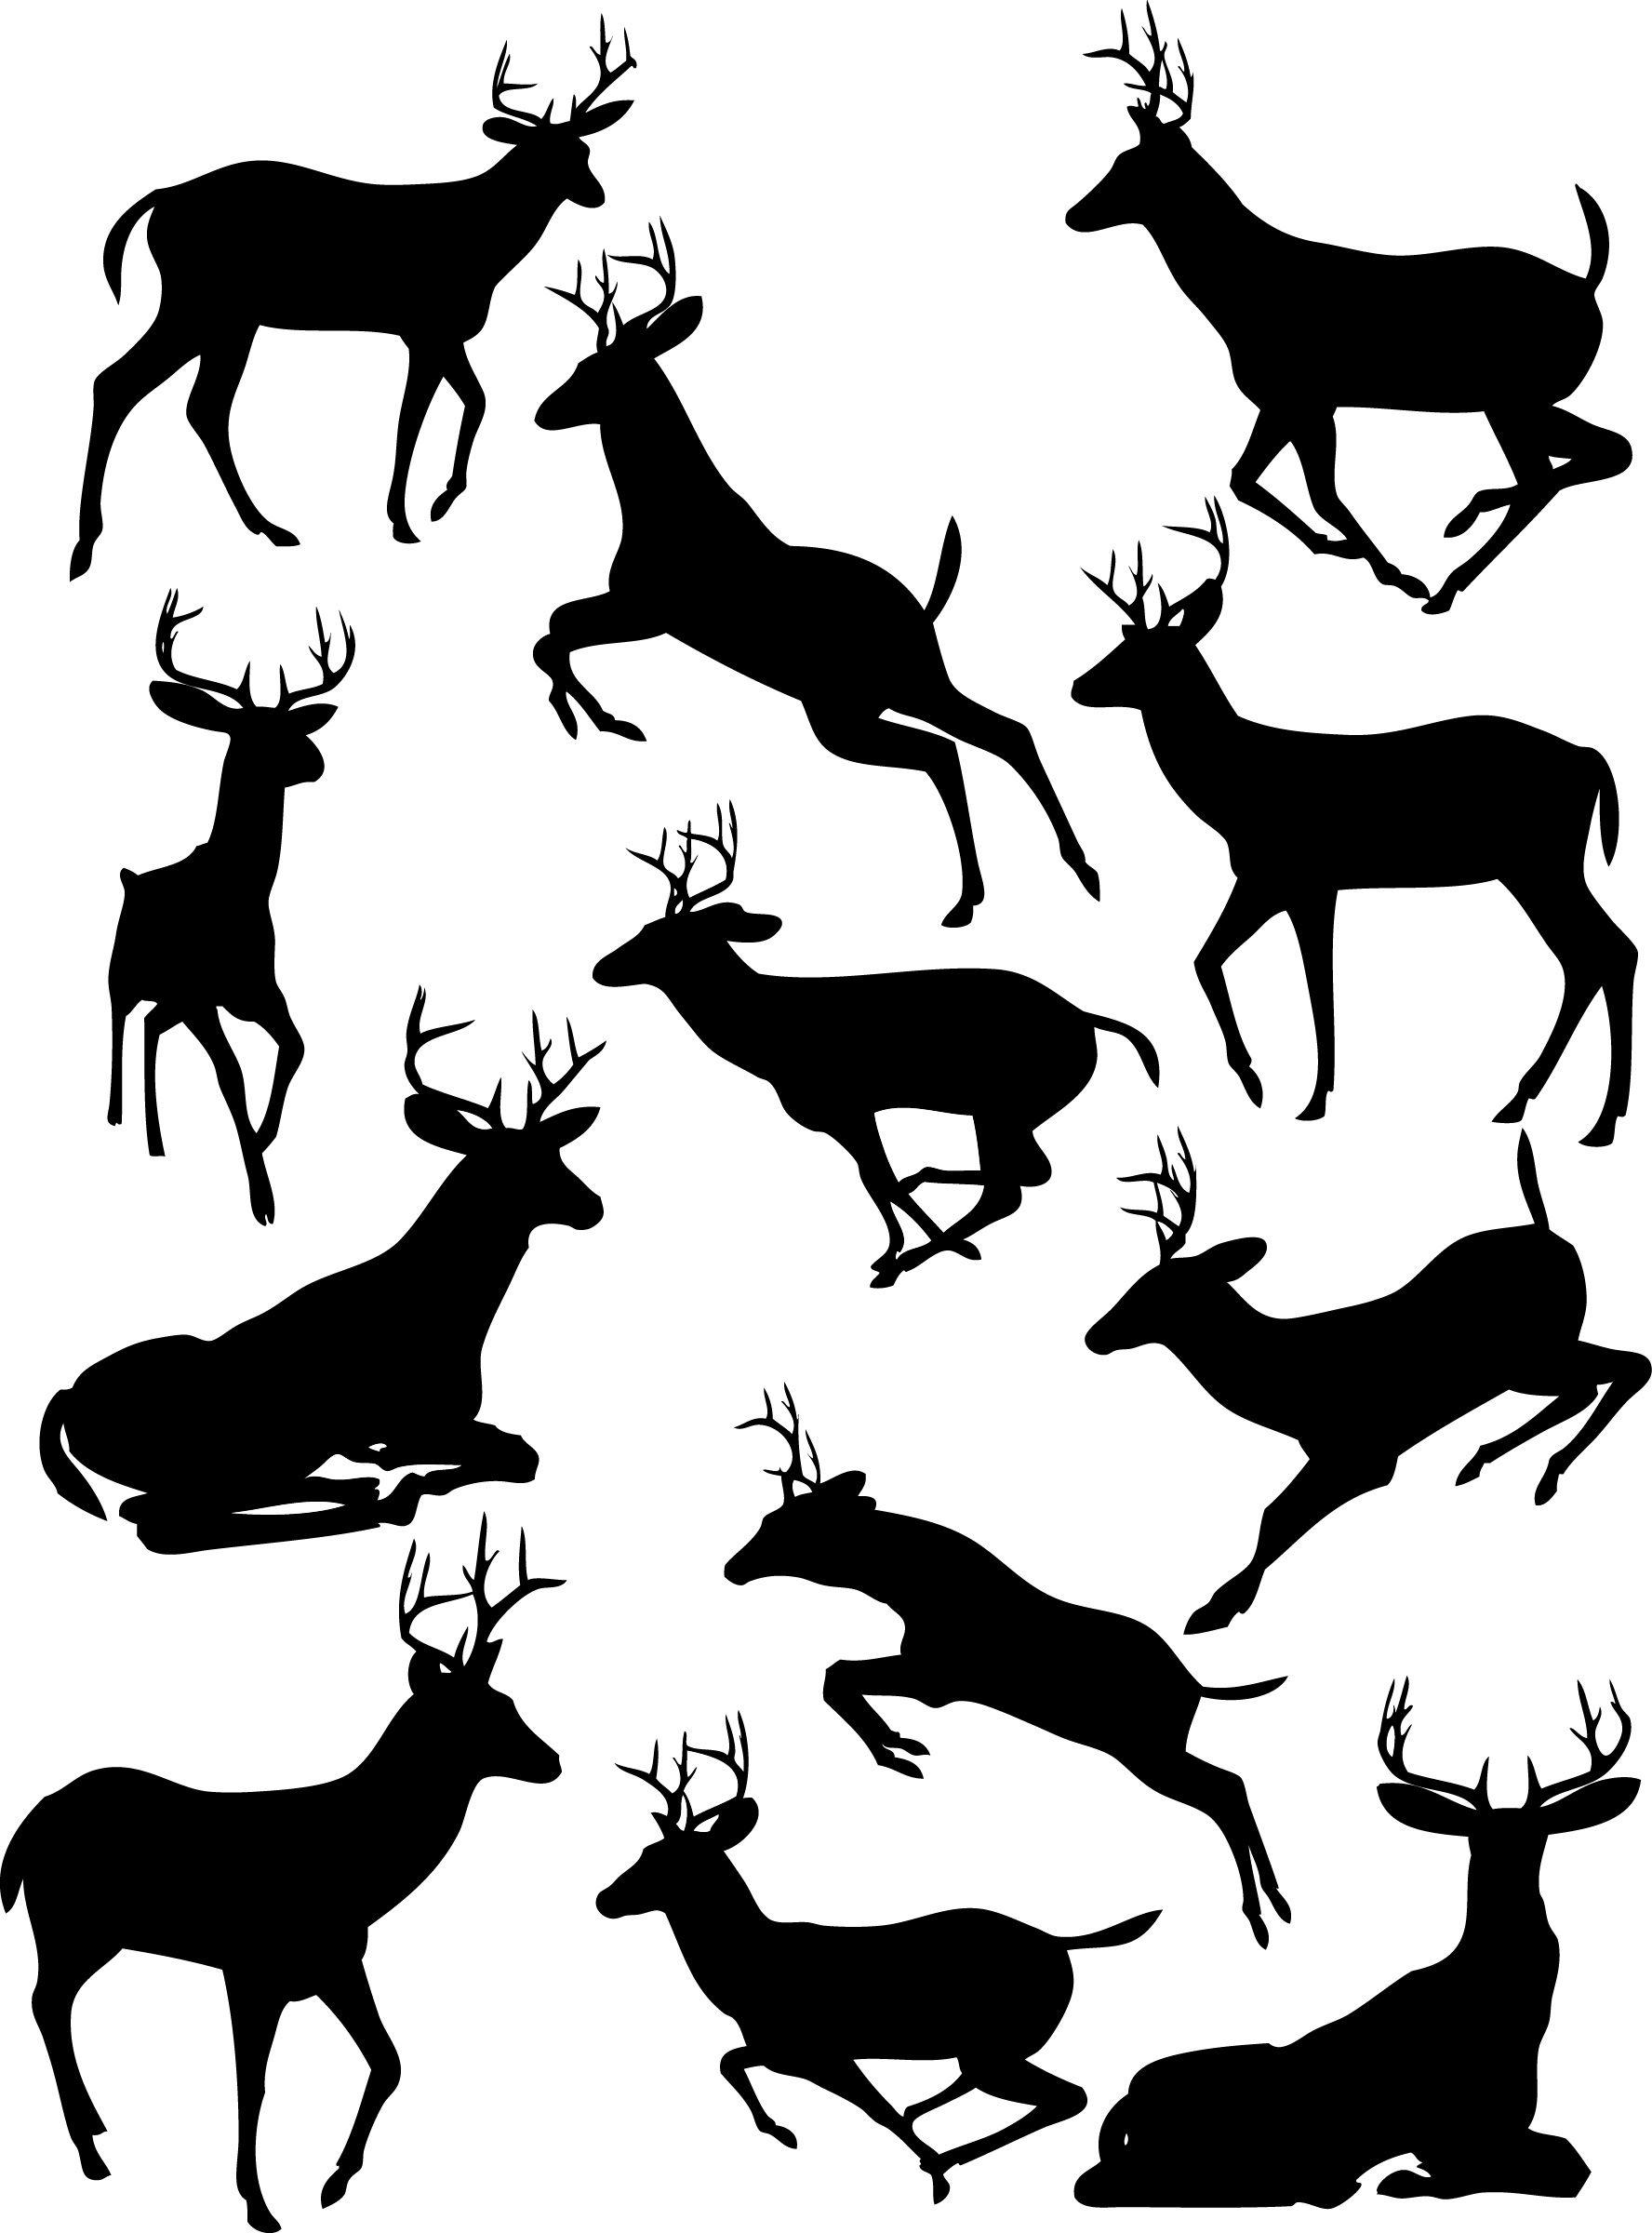 Deer Silhouette Deer Outline Zoo Vector Animals Deer Silhouette Silhouette Vector Animal Silhouette